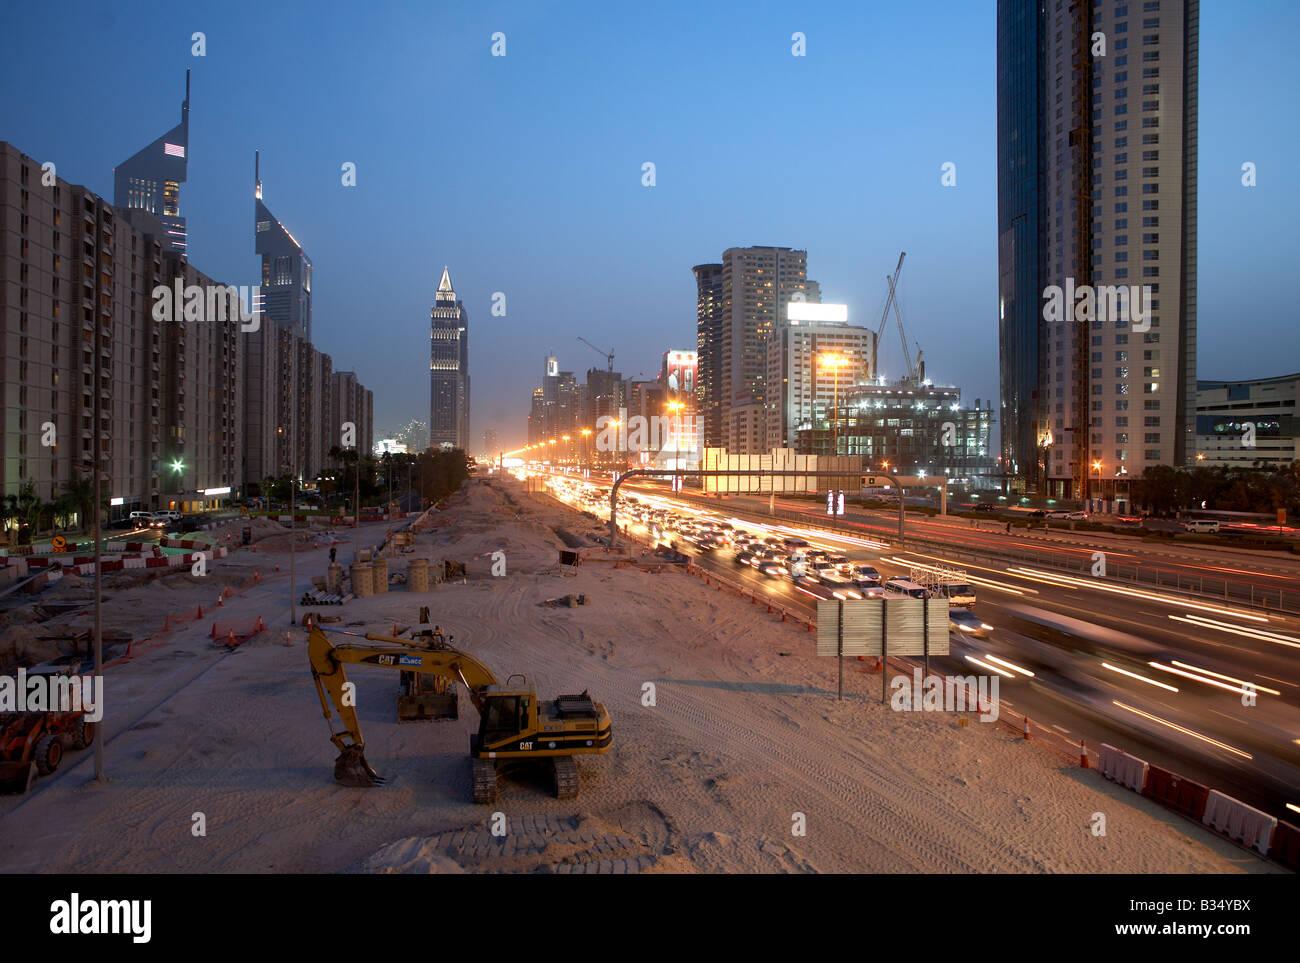 onstruction site with caterpillar on Sheikh Zayed Road at dusk Baustellenstreifen mit Bagger in der Dämmerung Stock Photo